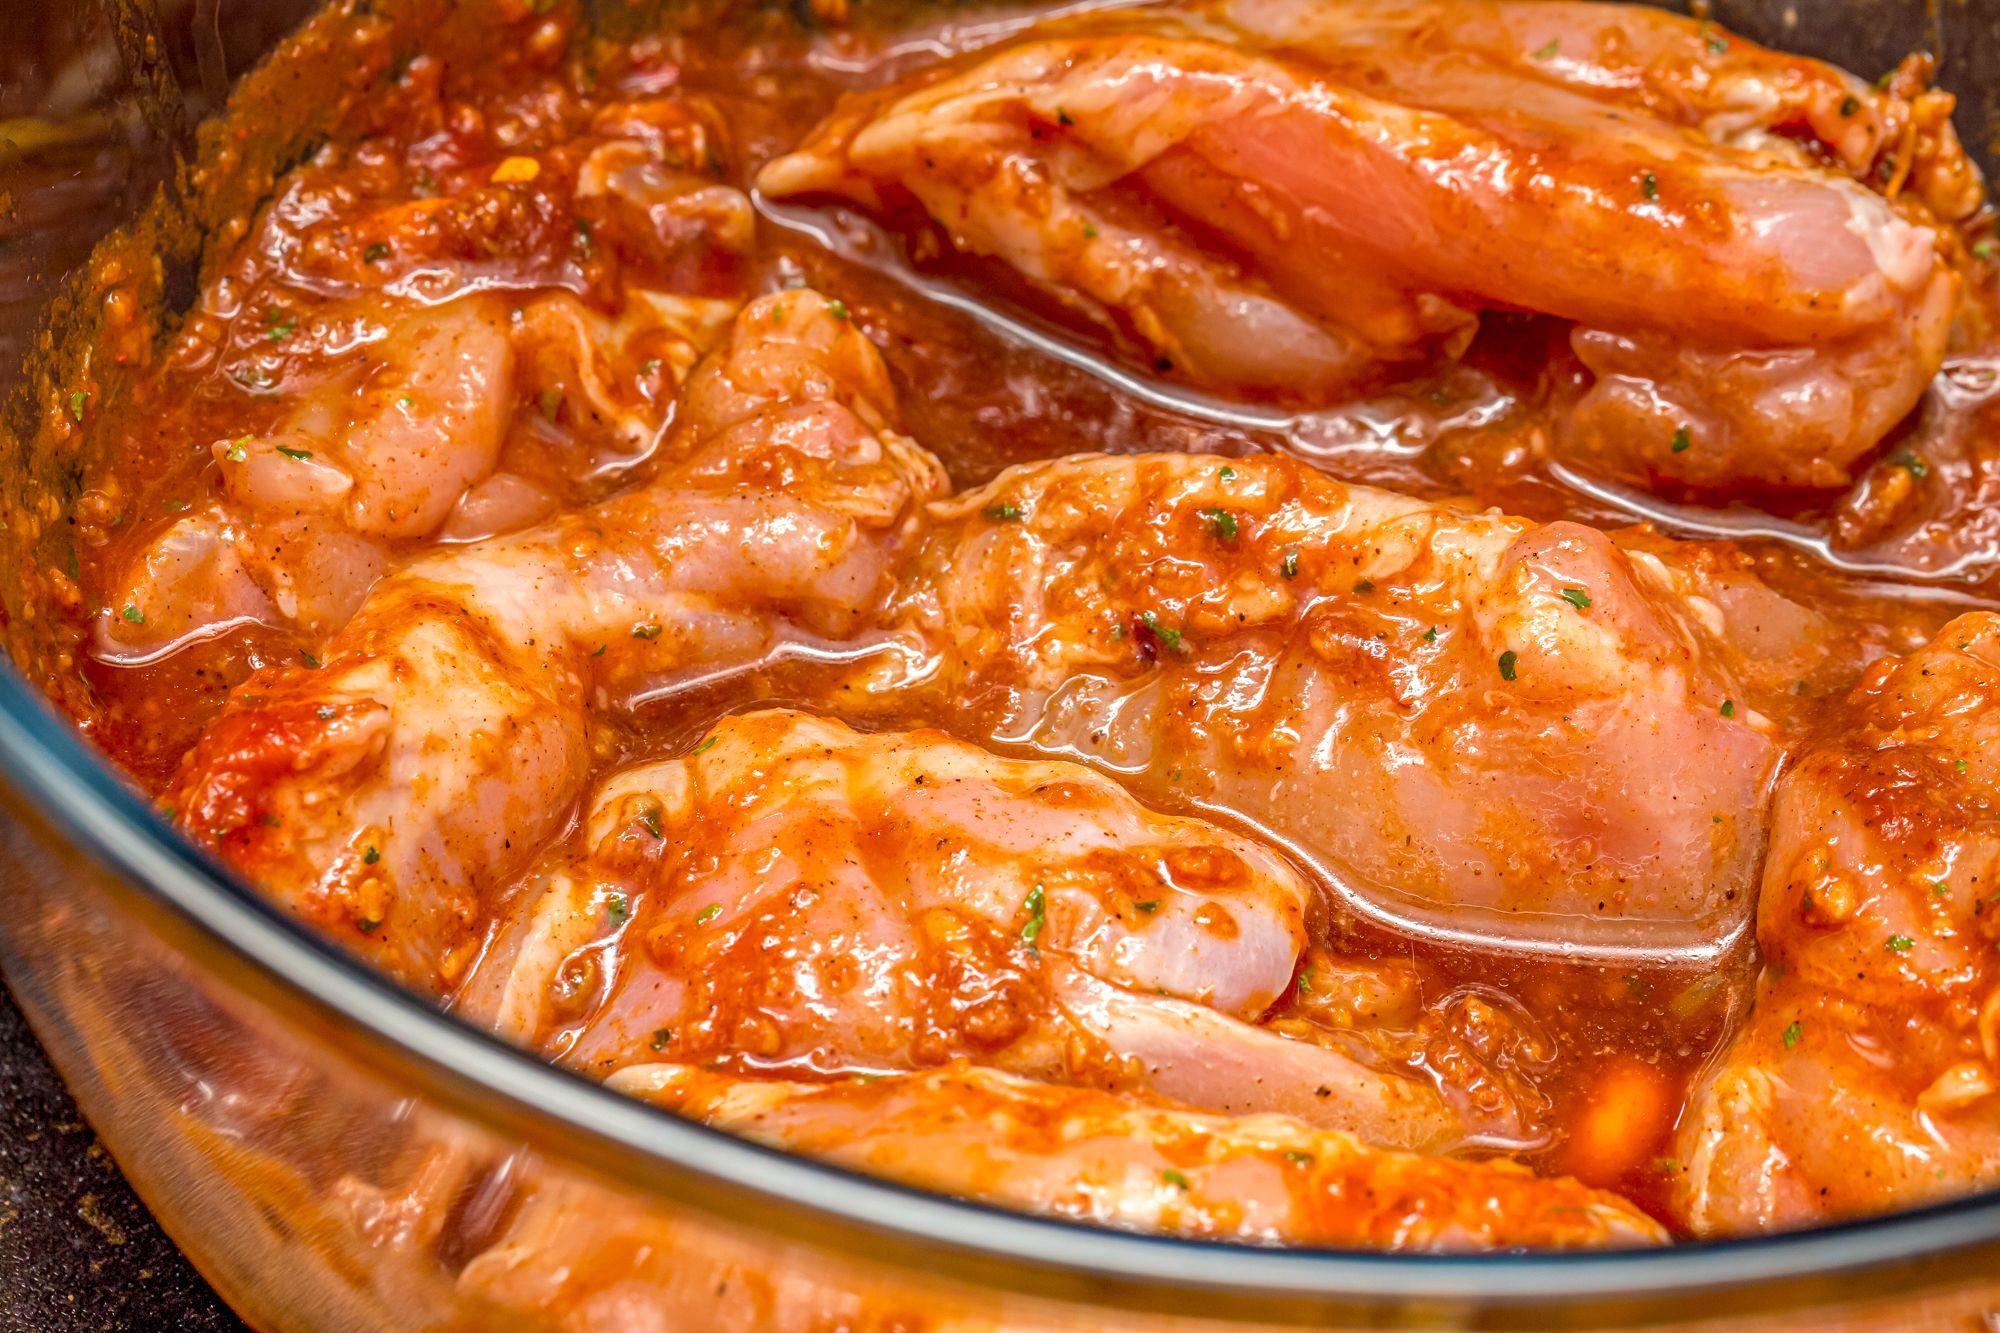 Jamaican Style Jerk Chicken Marinade